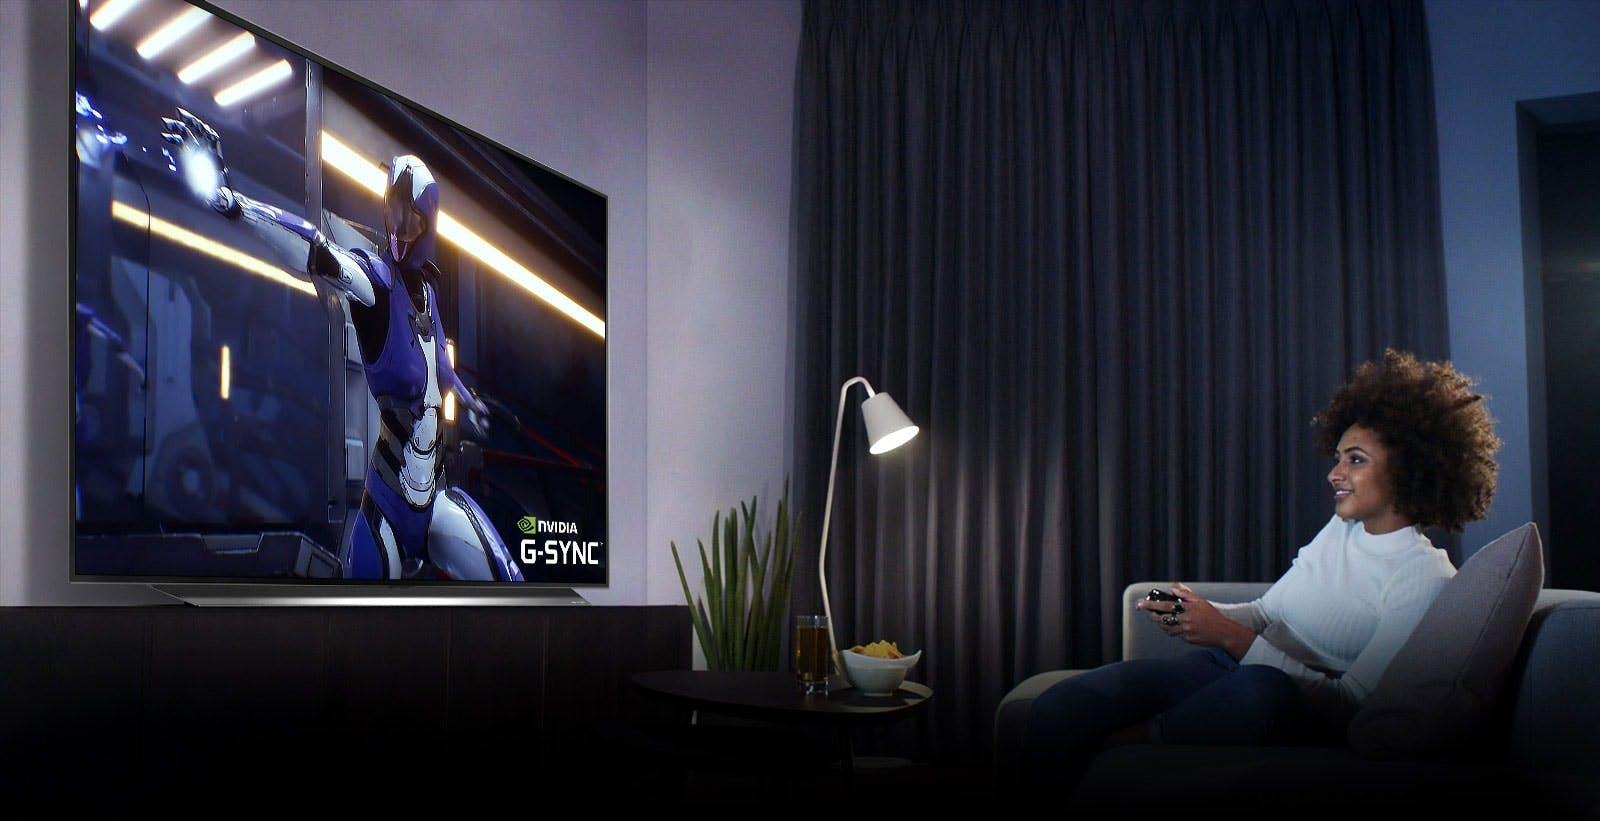 Con un aggiornamento, LG ha limitato la luminosità dei suoi OLED in modalità gioco